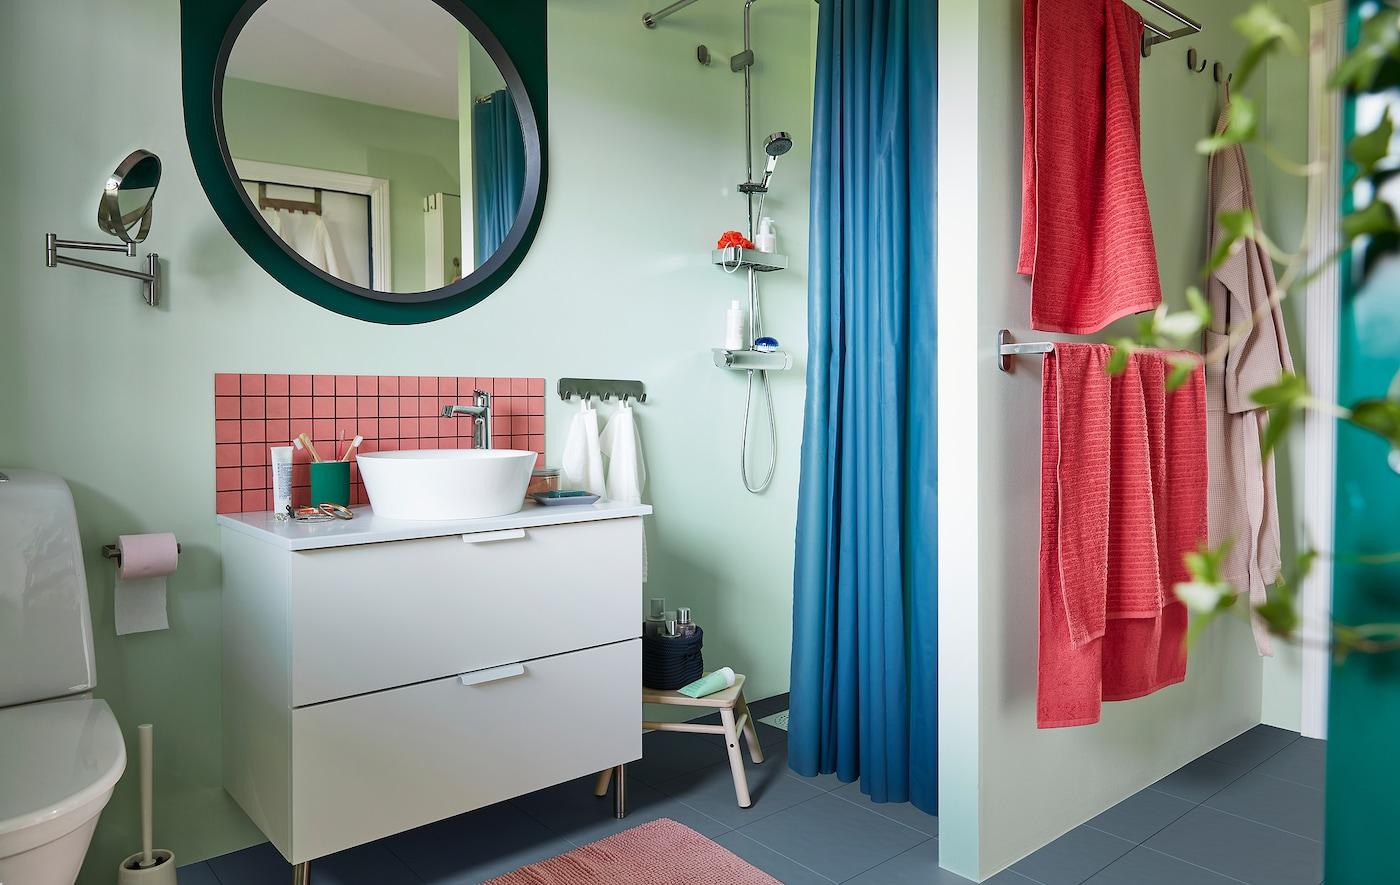 Dobro organiziran interijer kupaonice blagih pastelnih nijansi s elementom za umivaonik, tušem, šipkom za ručnike, ogledalom, biljkama i dodacima.